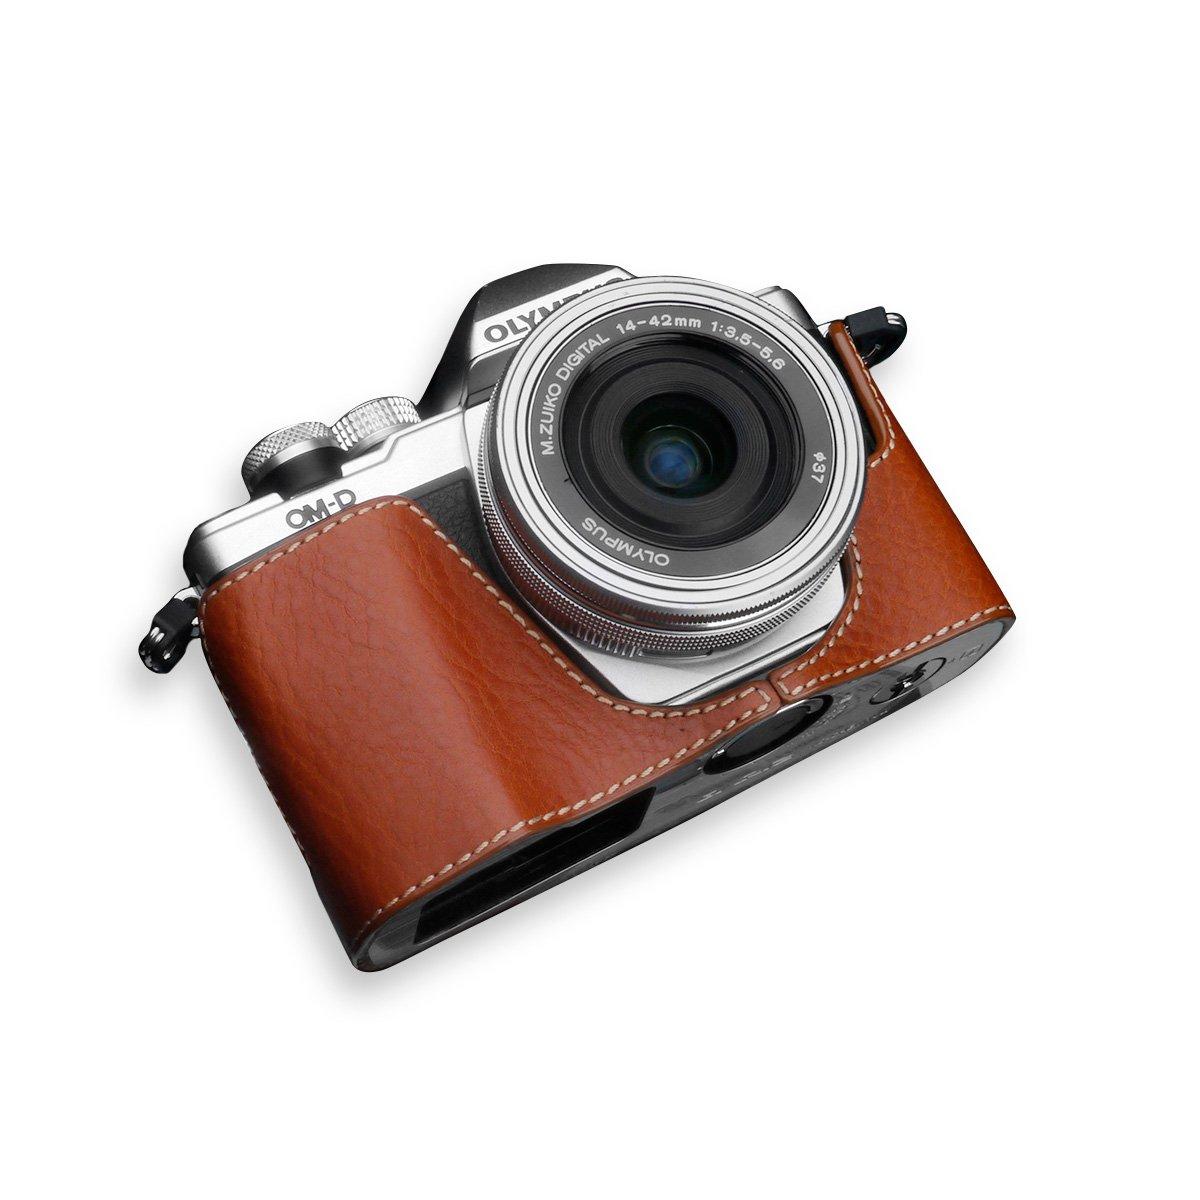 GARIZ OLYMPUS OM-D E-M10 Mark2用 本革カメラケース XS-CHEM10IICM キャメル  キャメル B01D4N079I